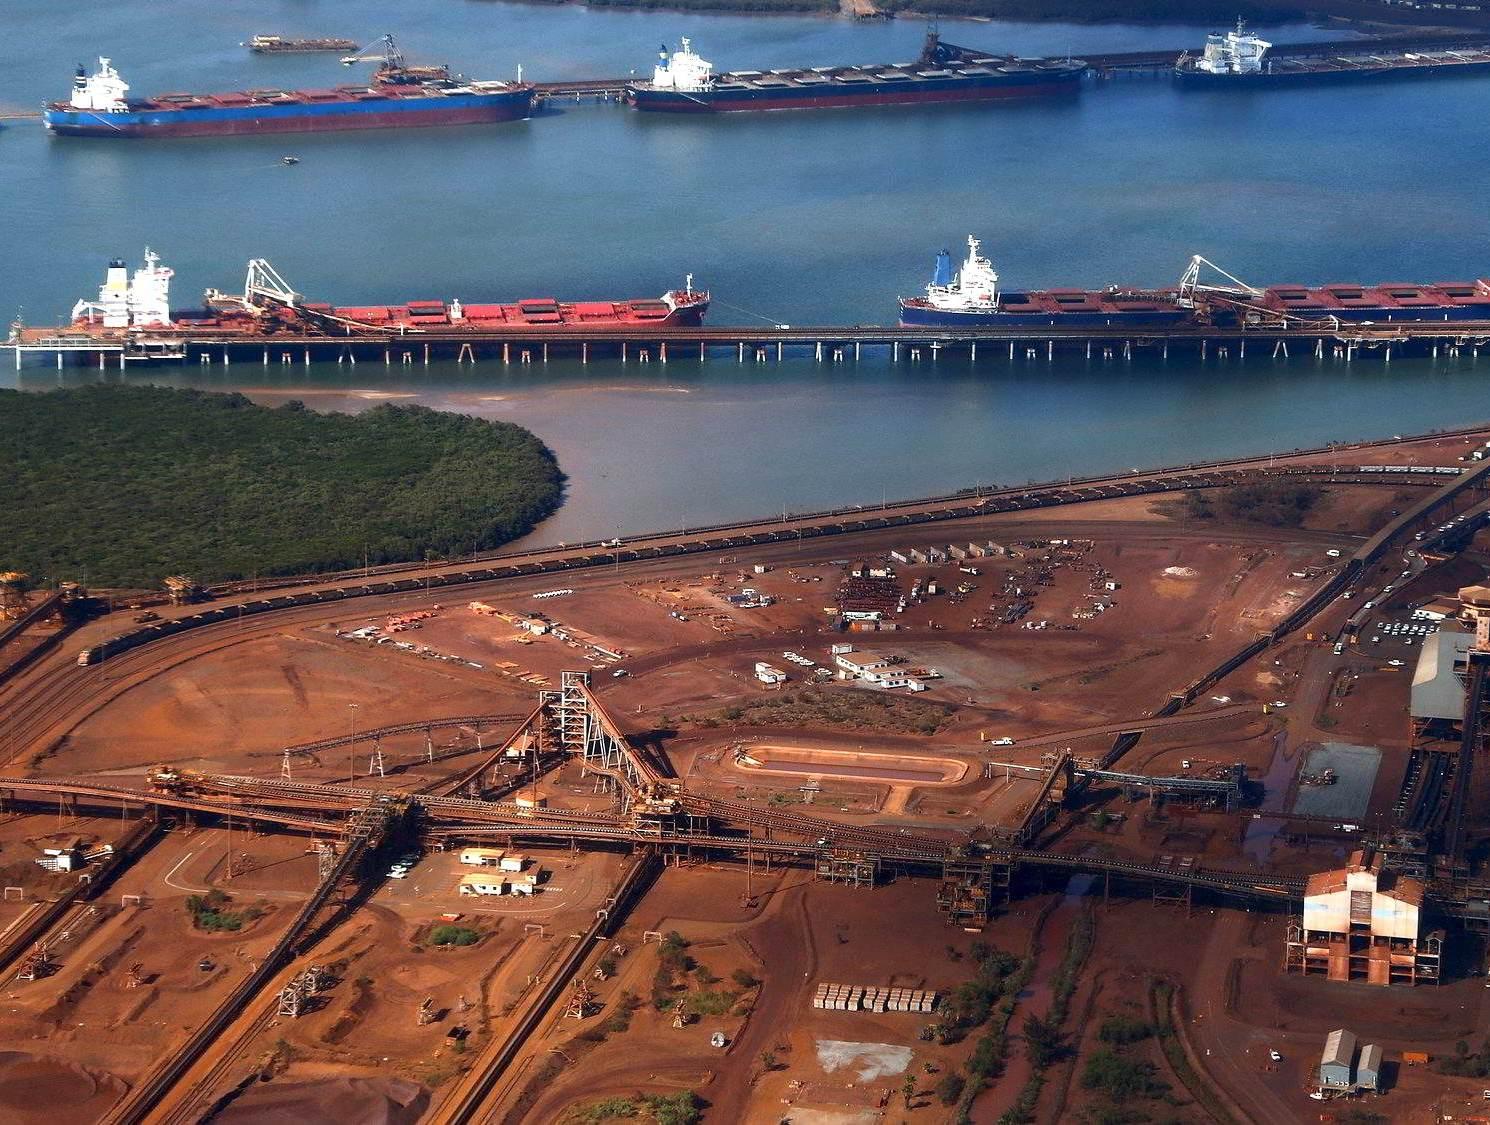 Bezichtig Port Hedland tijdens uw rondreis en zie de geschiedenis in werking